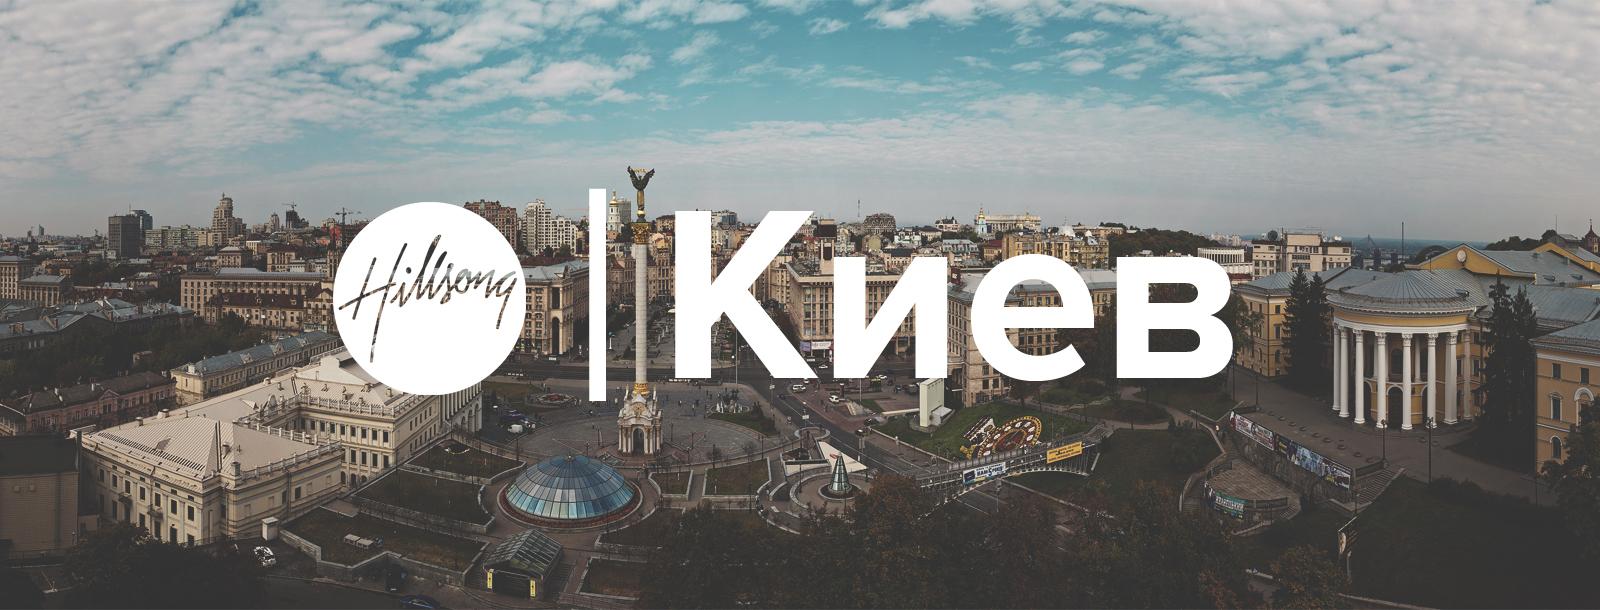 Церковь Хиллсонг Киев